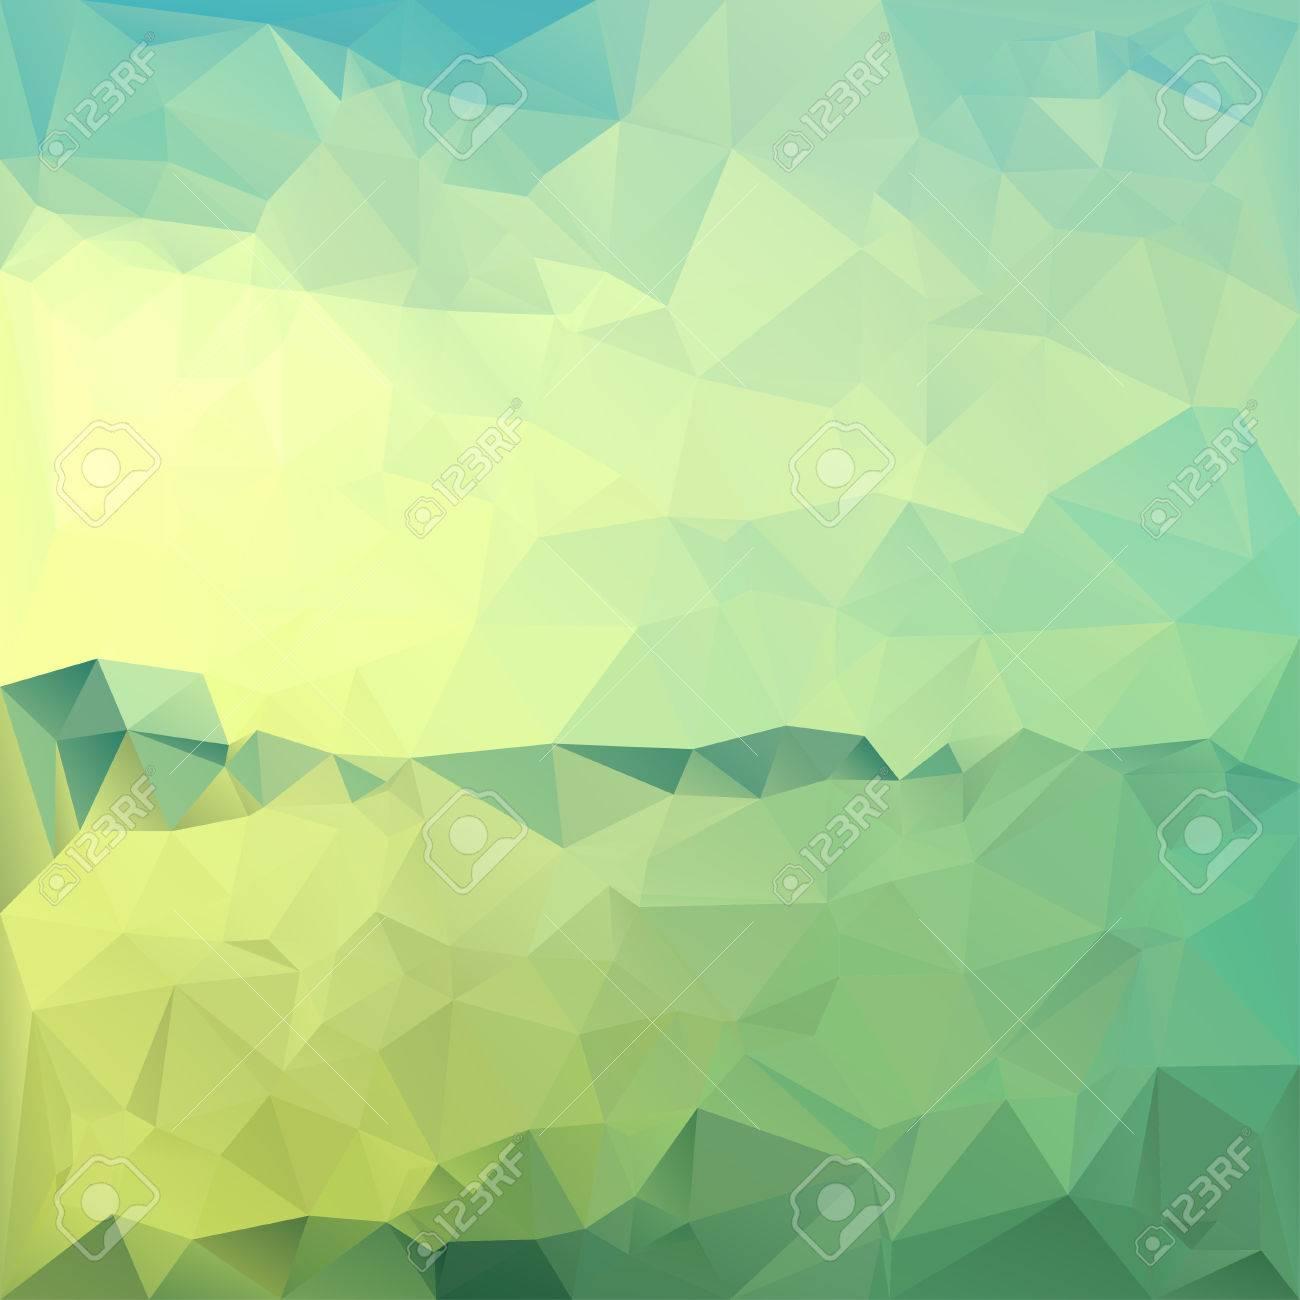 Poligonal Paisaje Abstracto Fondo De Geometría De Mosaico En Colores ...